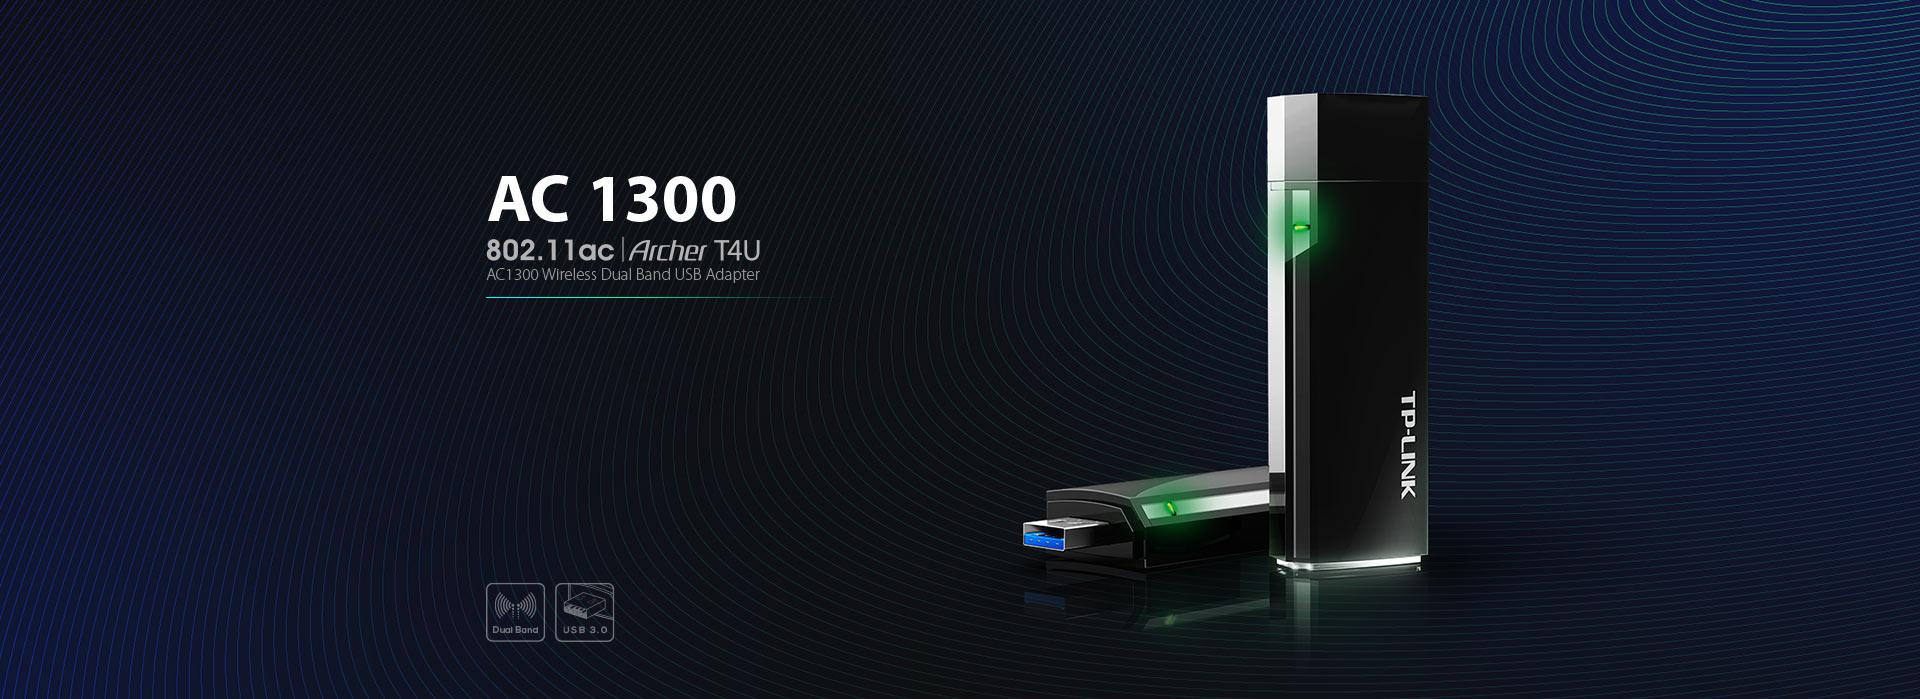 TP-link T4U AC1300 Wireless Adapter TPL00240  Intro